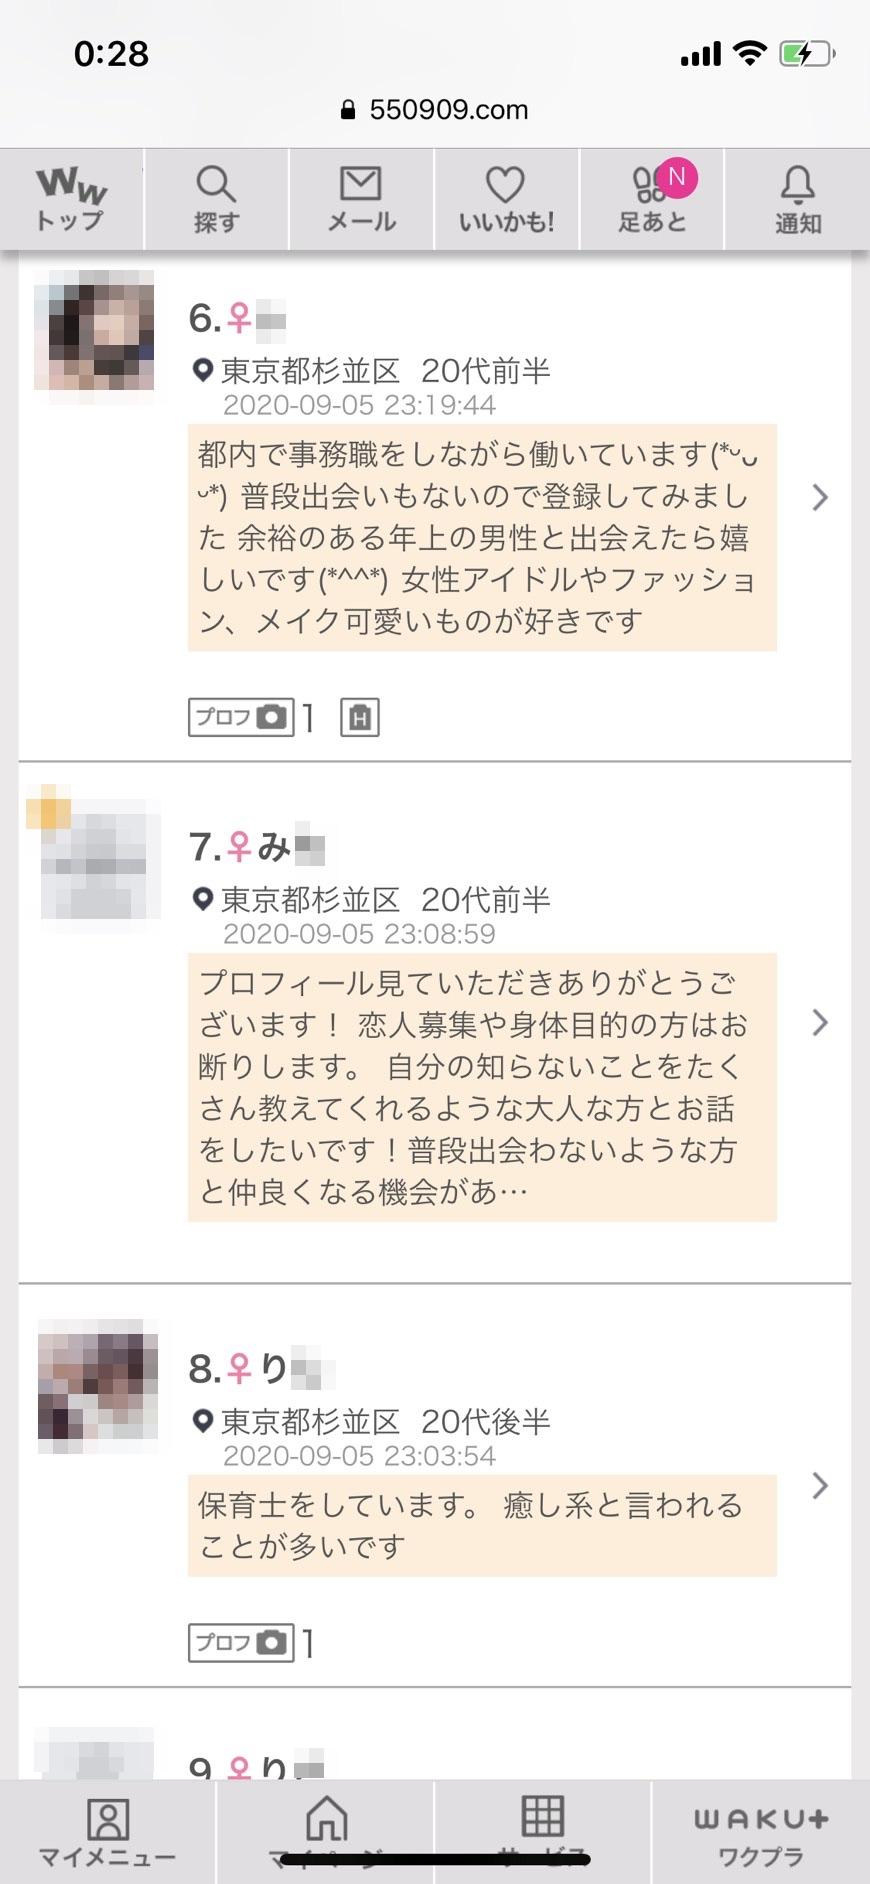 高円寺・割り切り出会い掲示板(ワクワクメール)